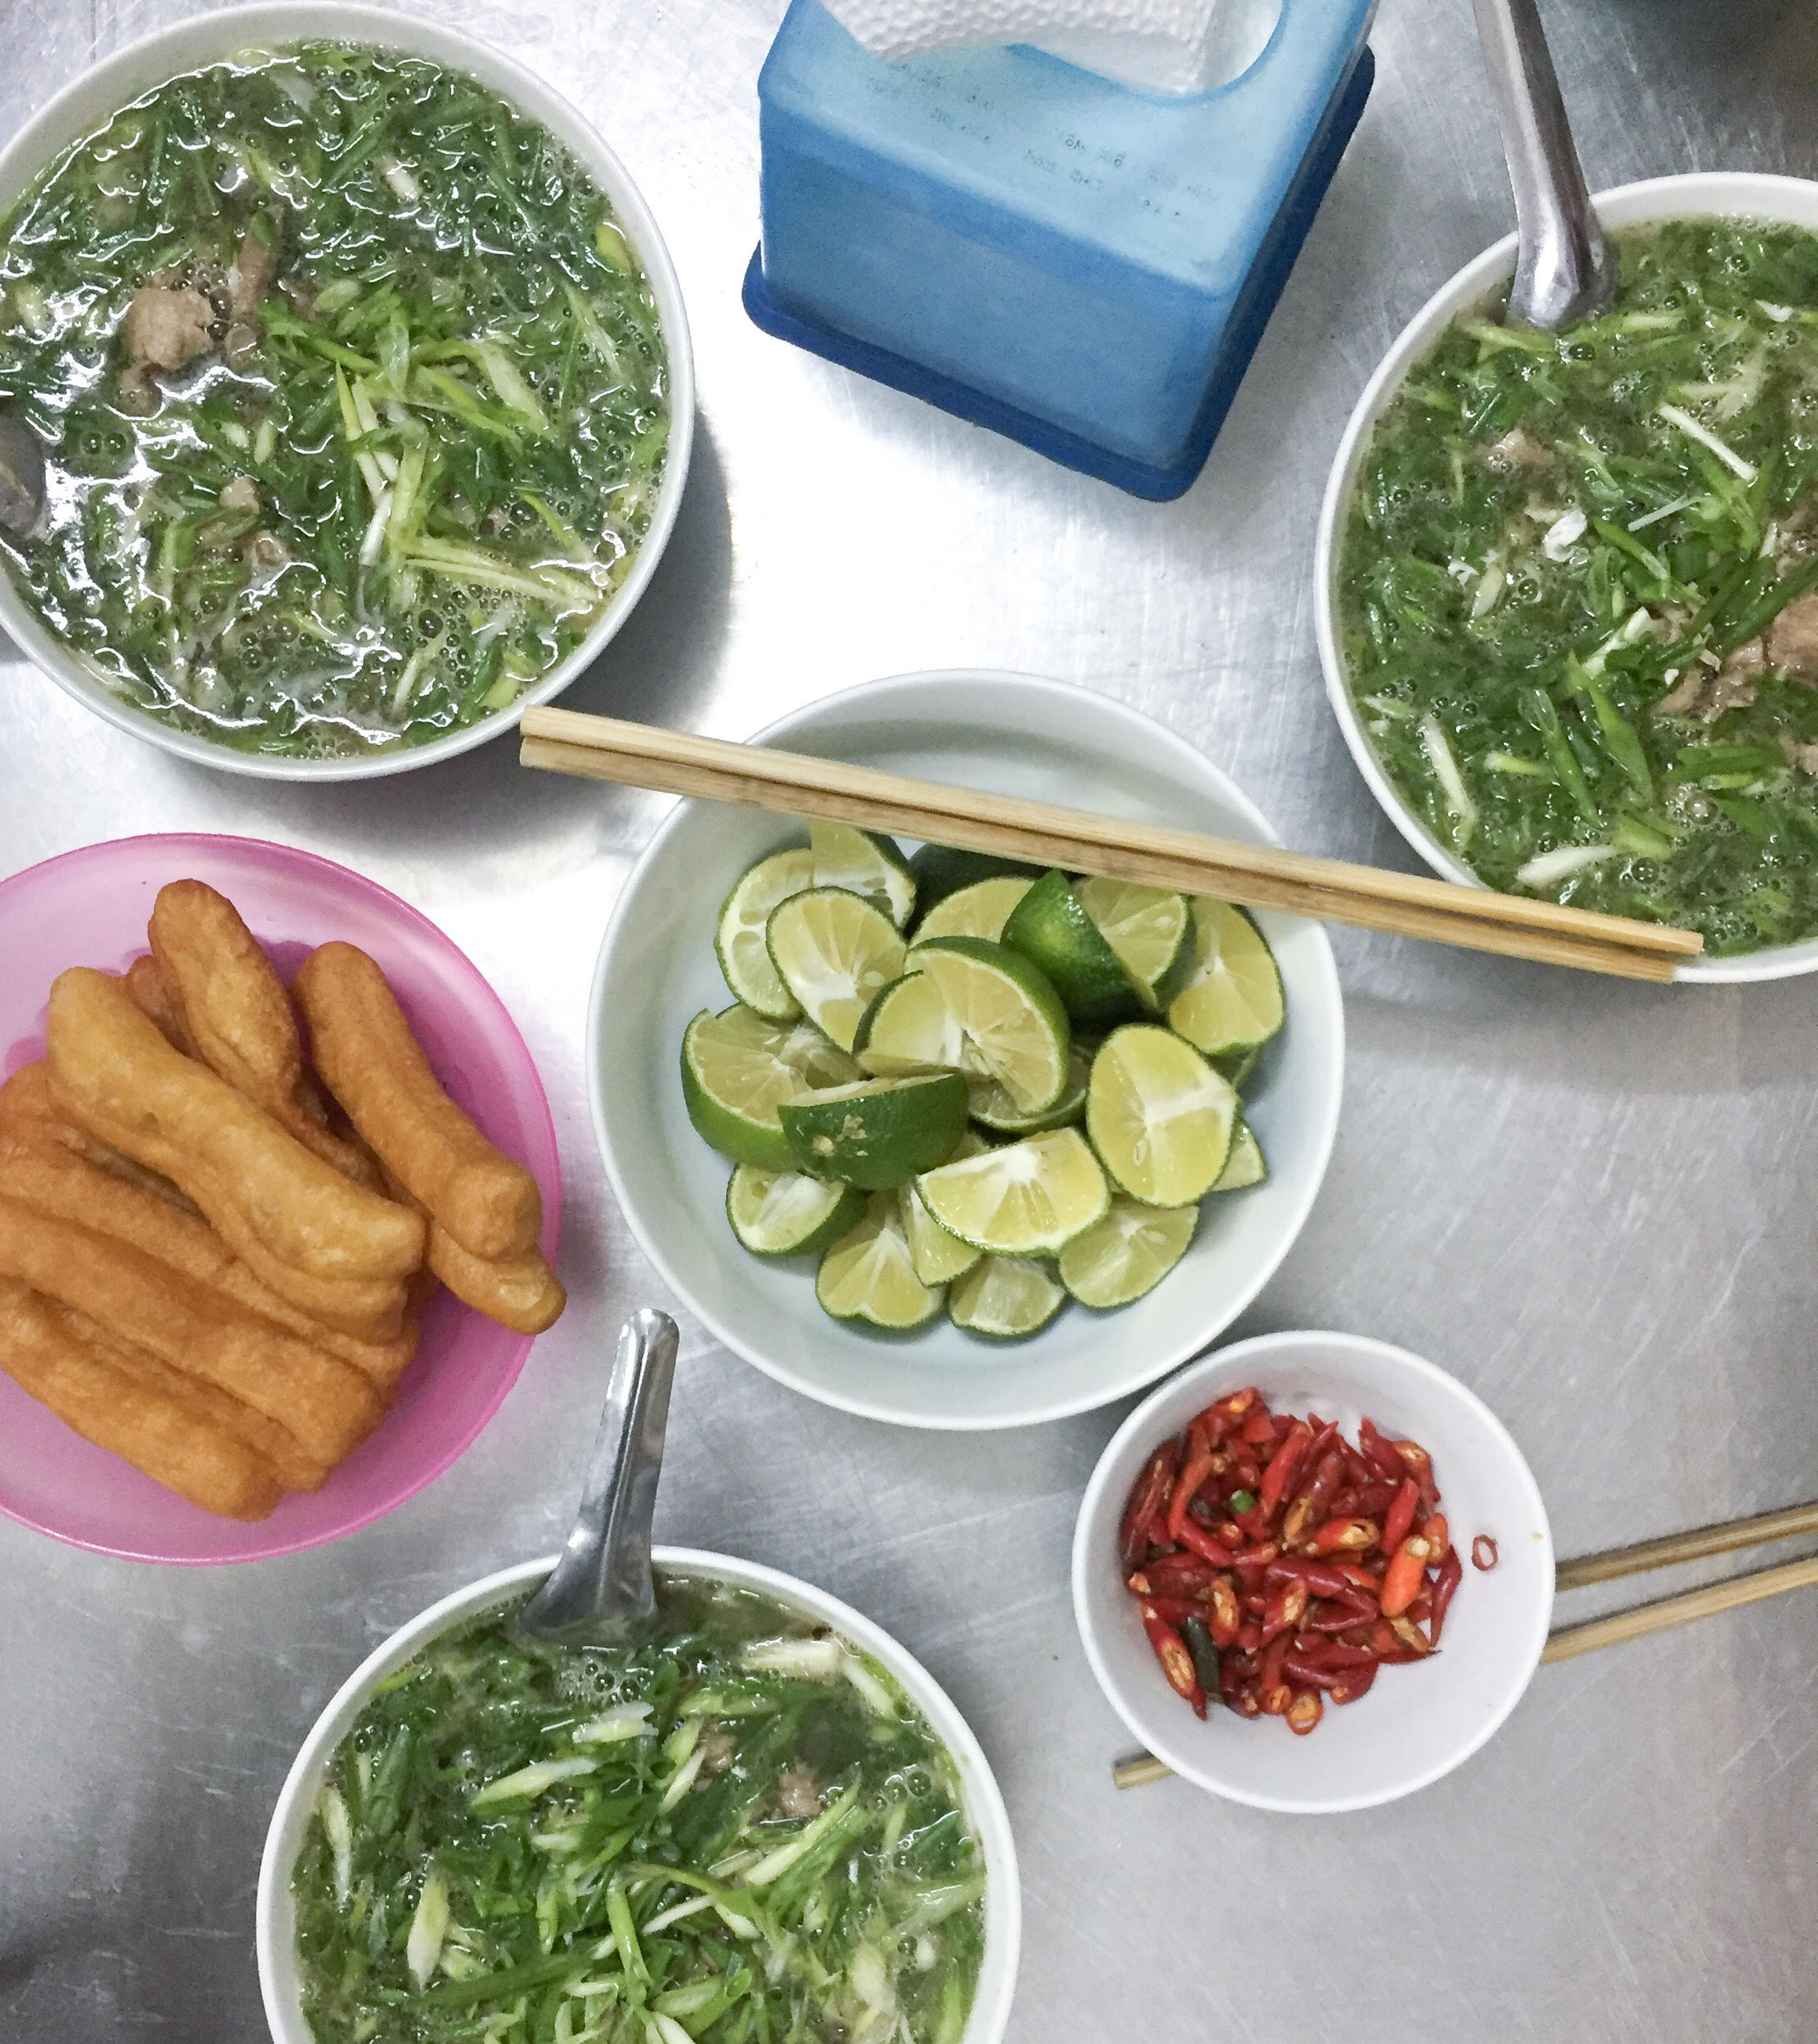 phó med chili i Hanoi